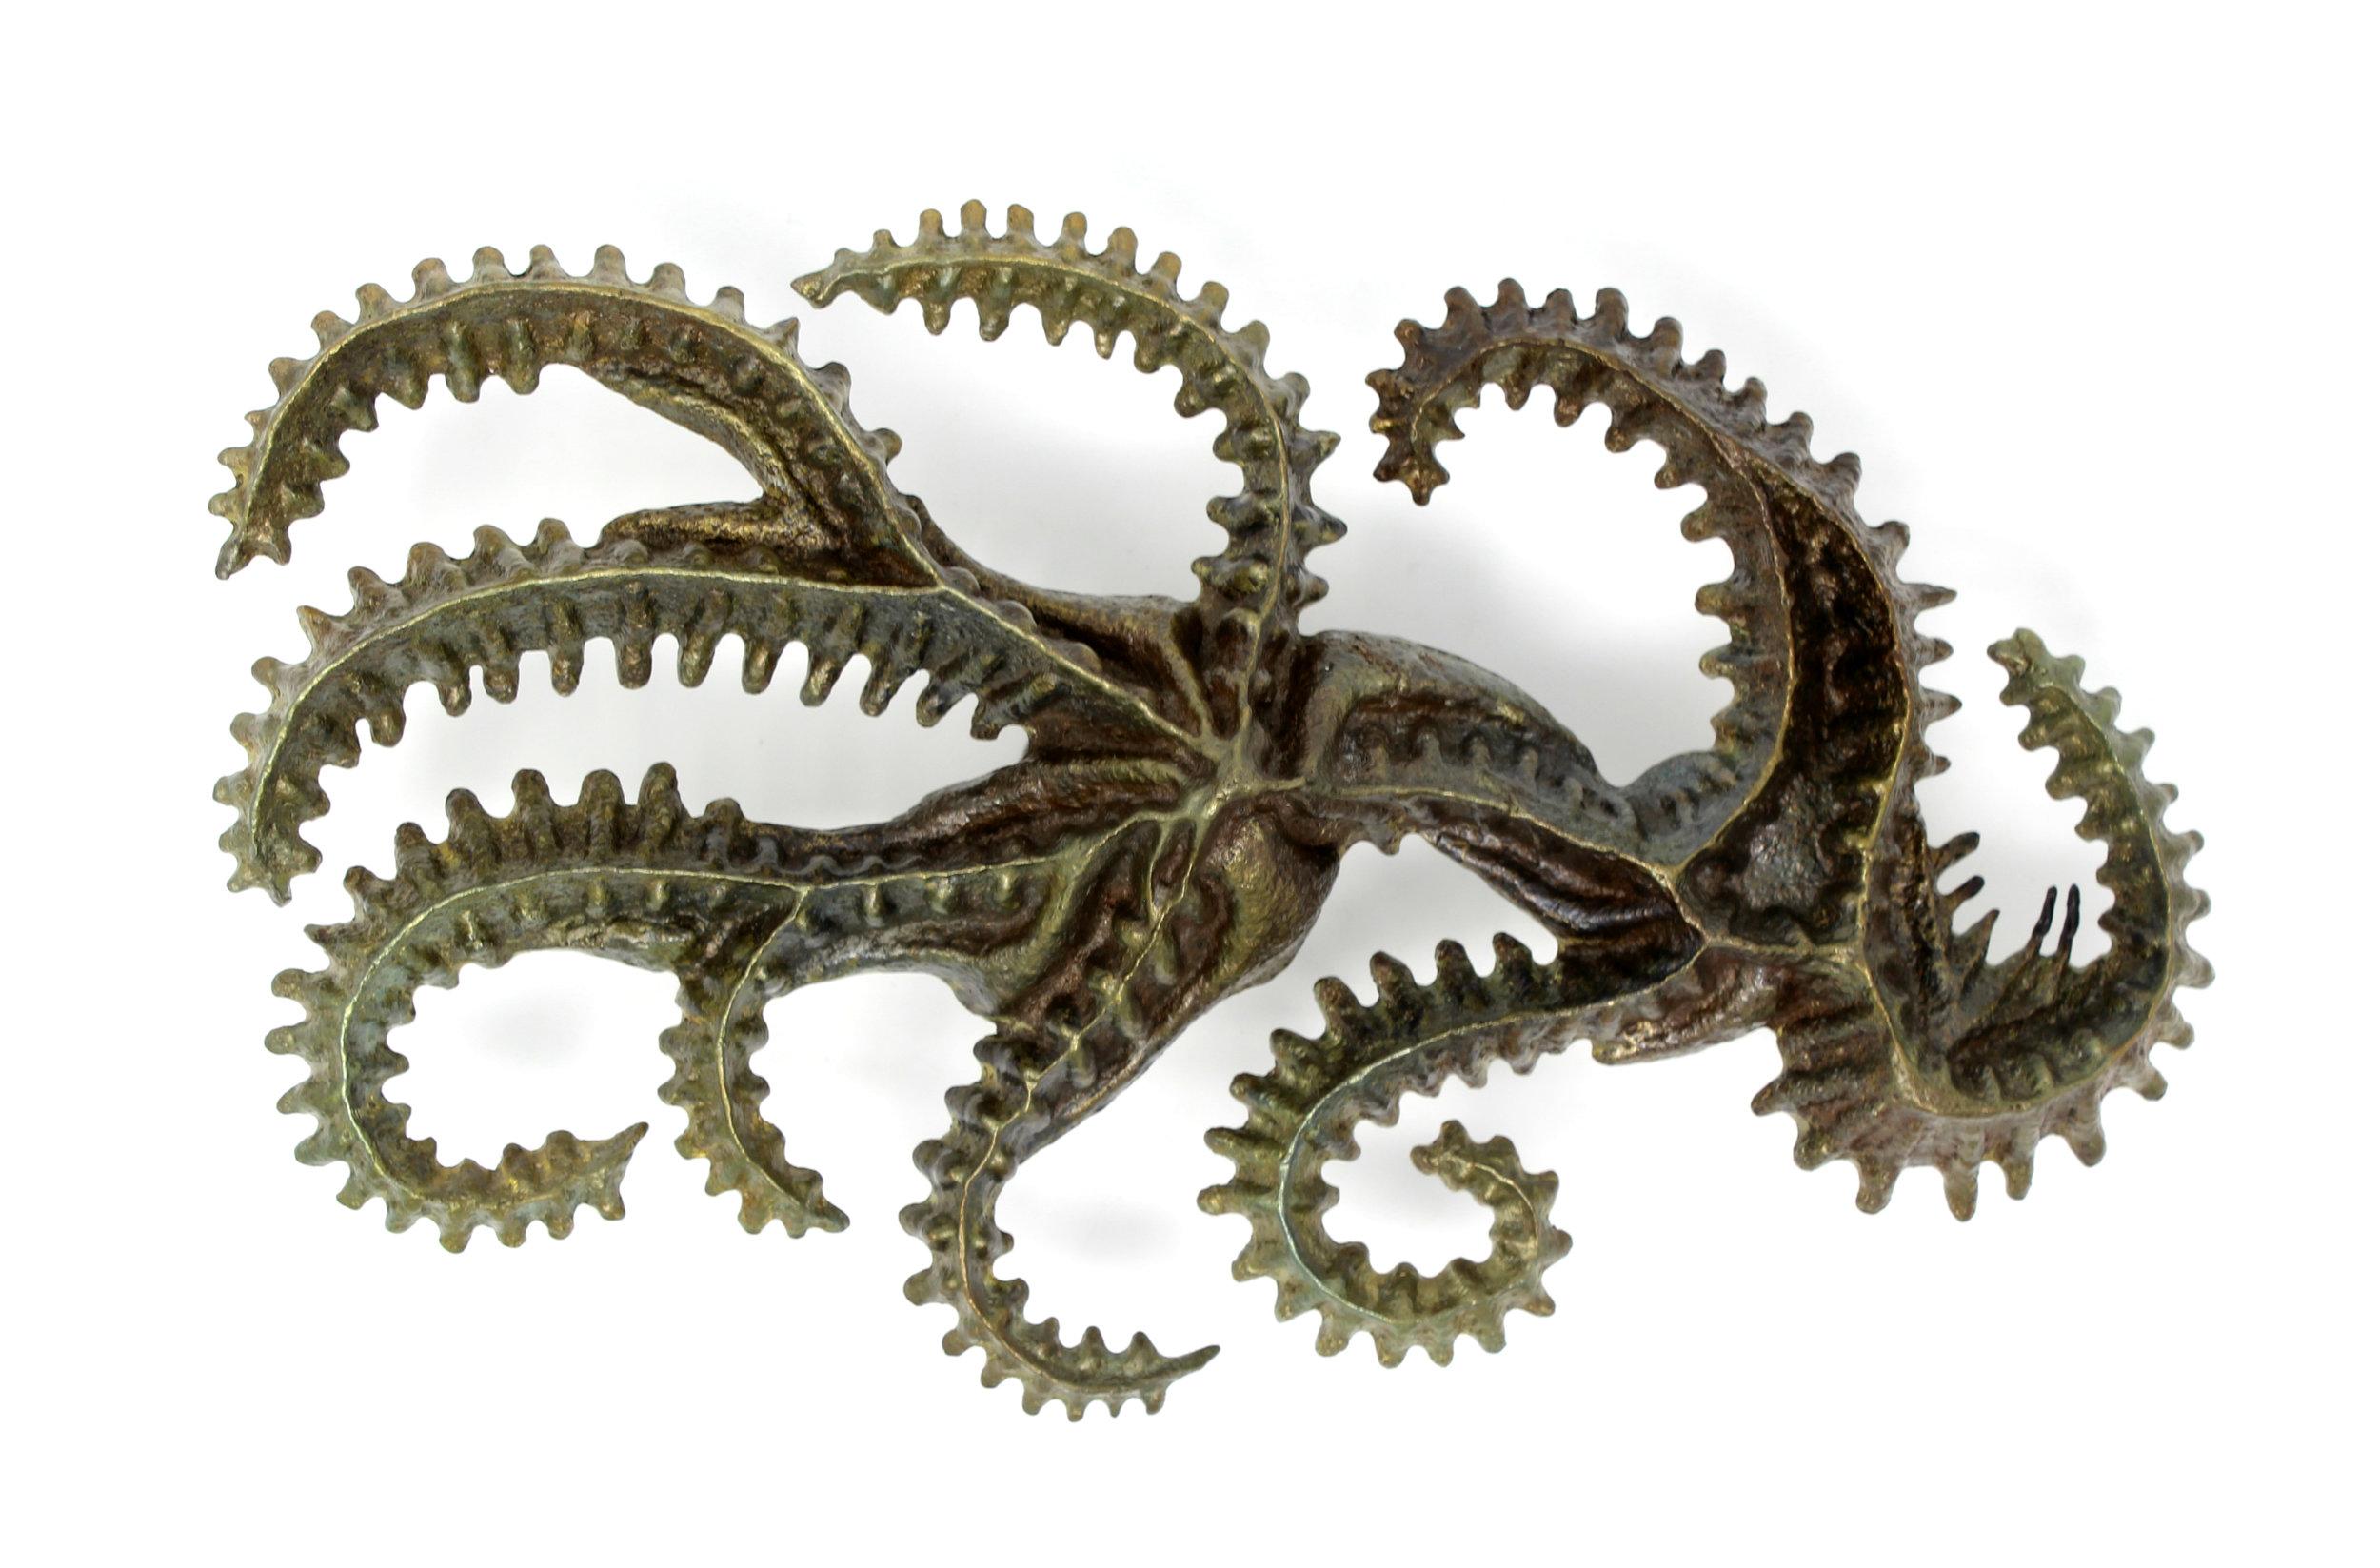 Cephalopod #3